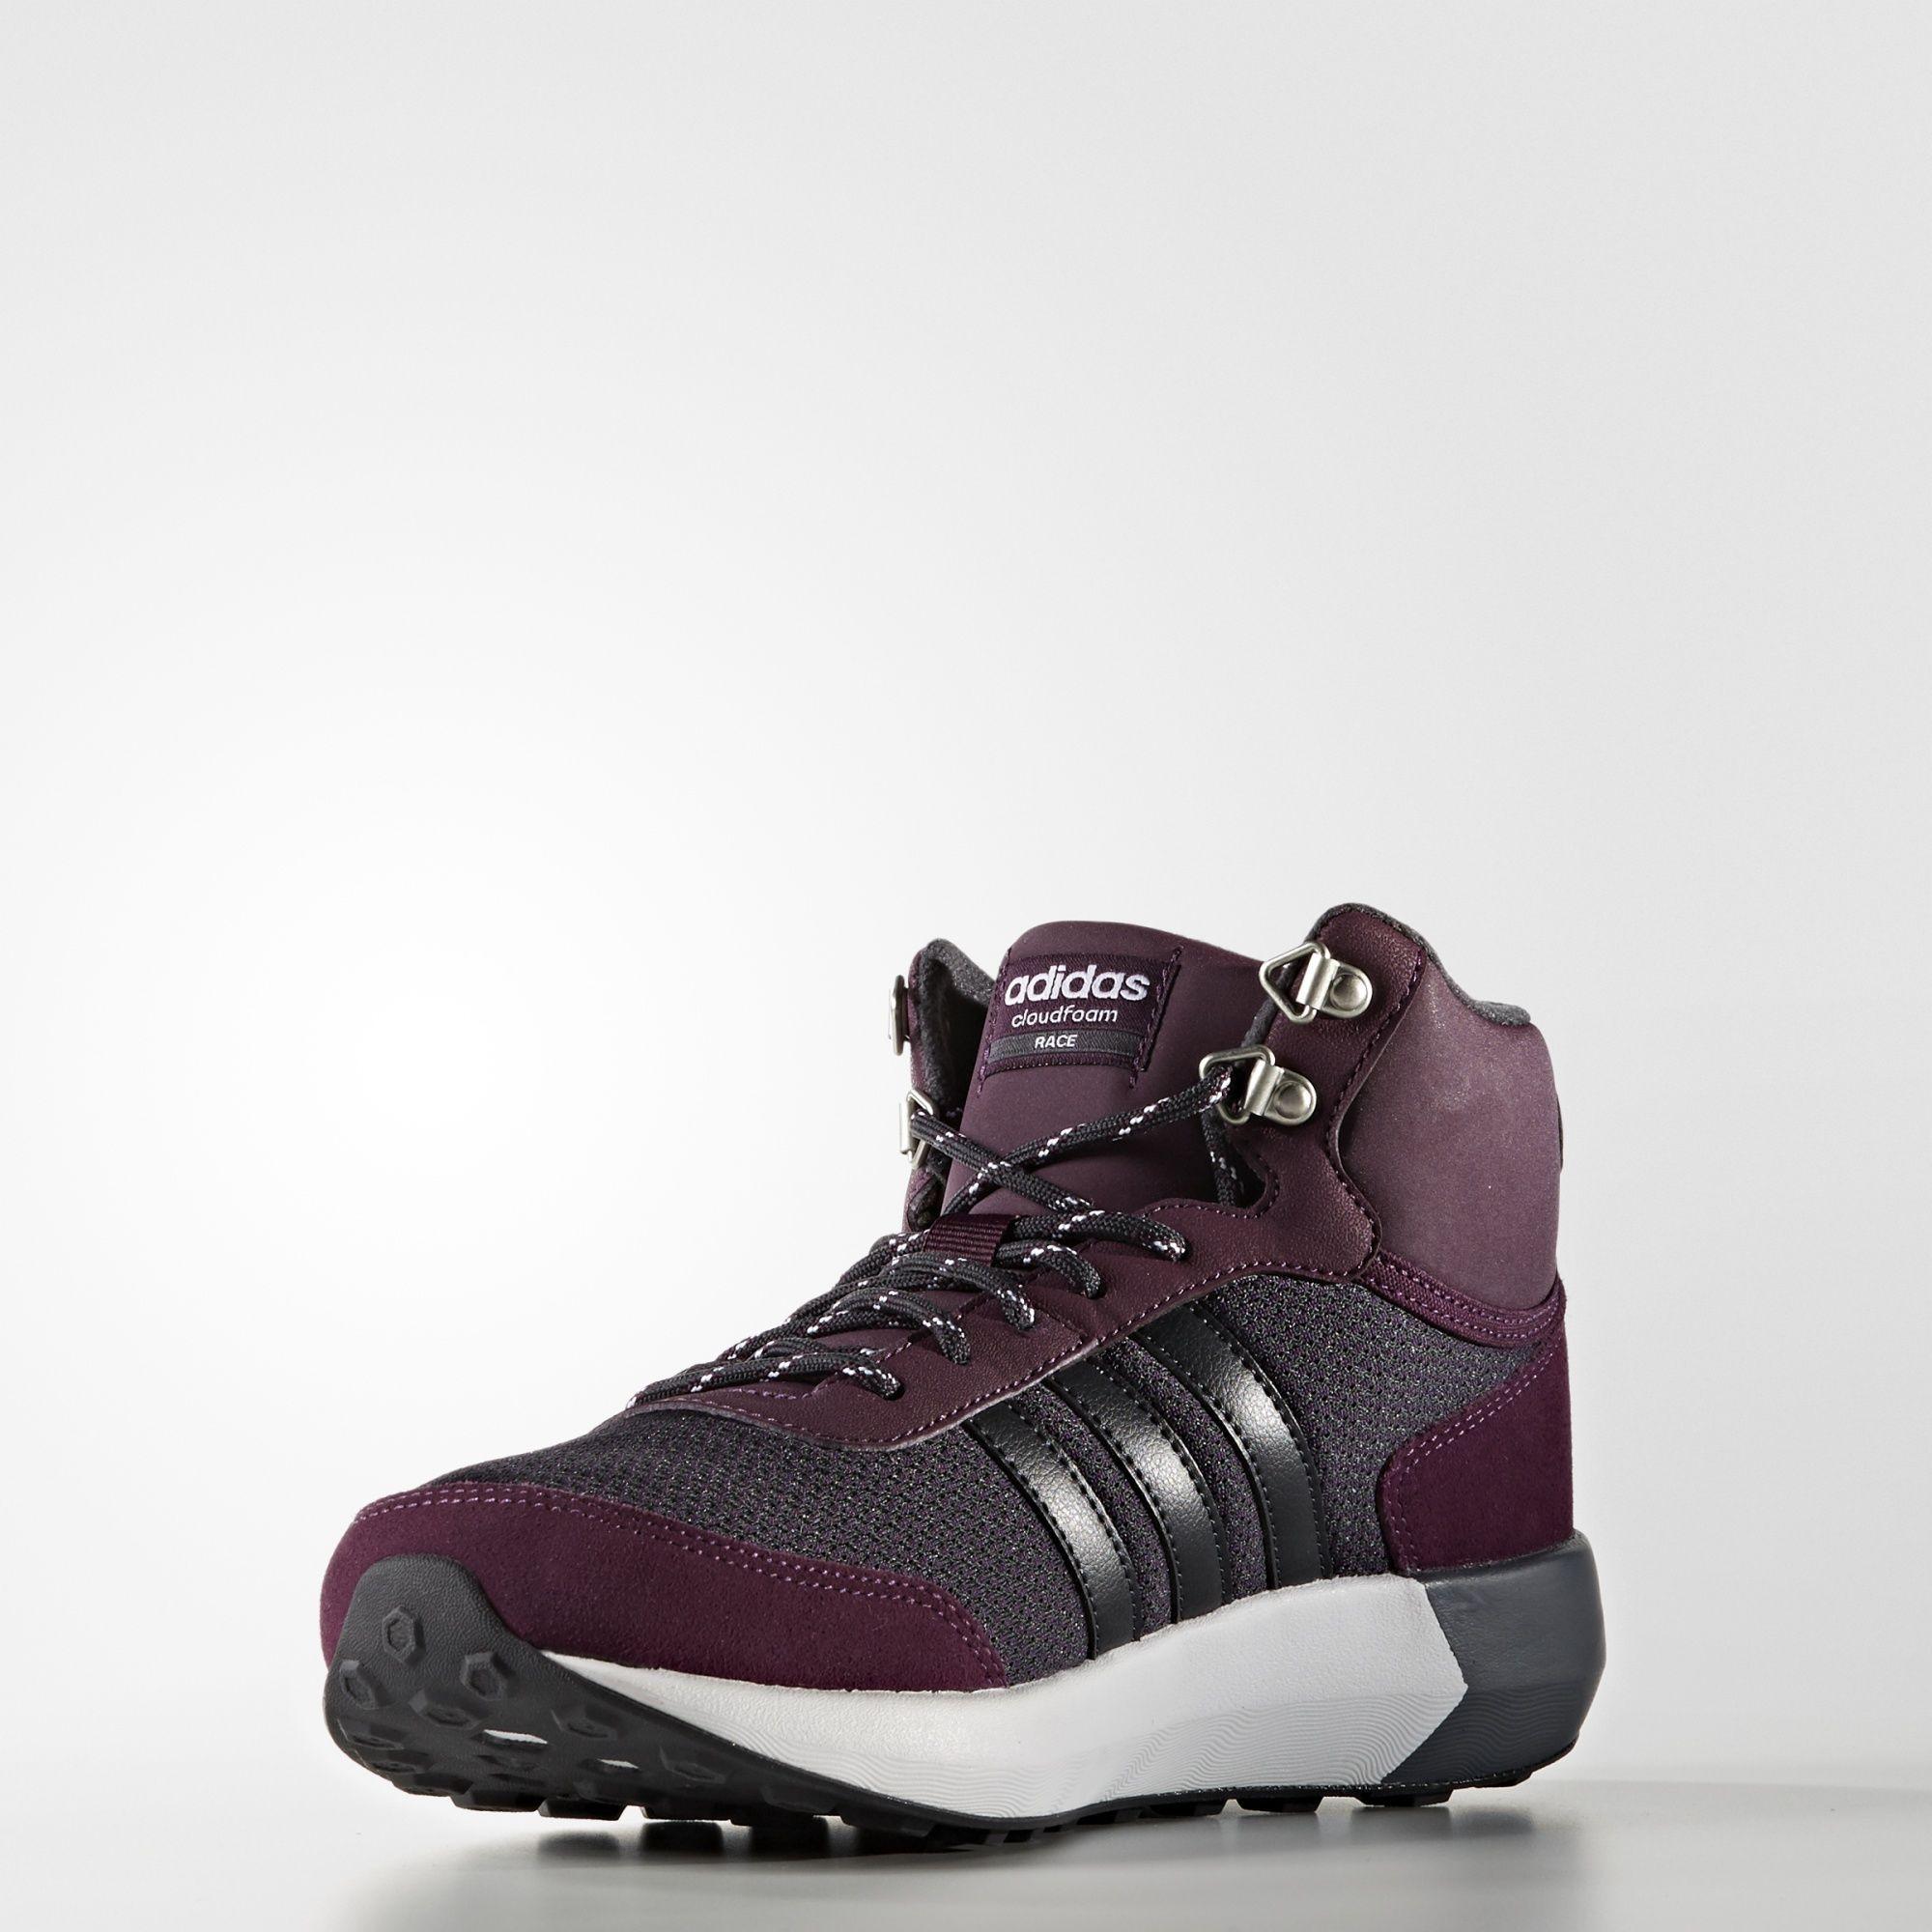 Coureur Mousse Nuage Adidas Mi Chaussures D'hiver 6KbdJd